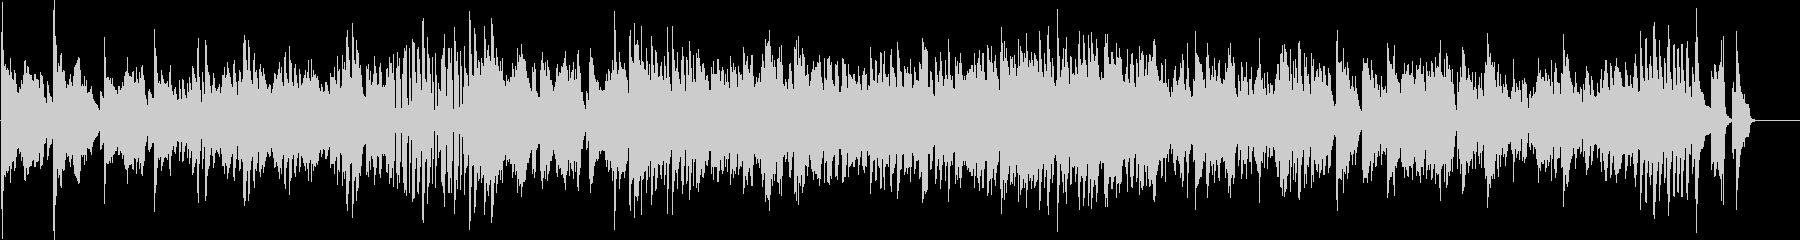 悲劇(ピアノソロ・壮大・美しい)の未再生の波形